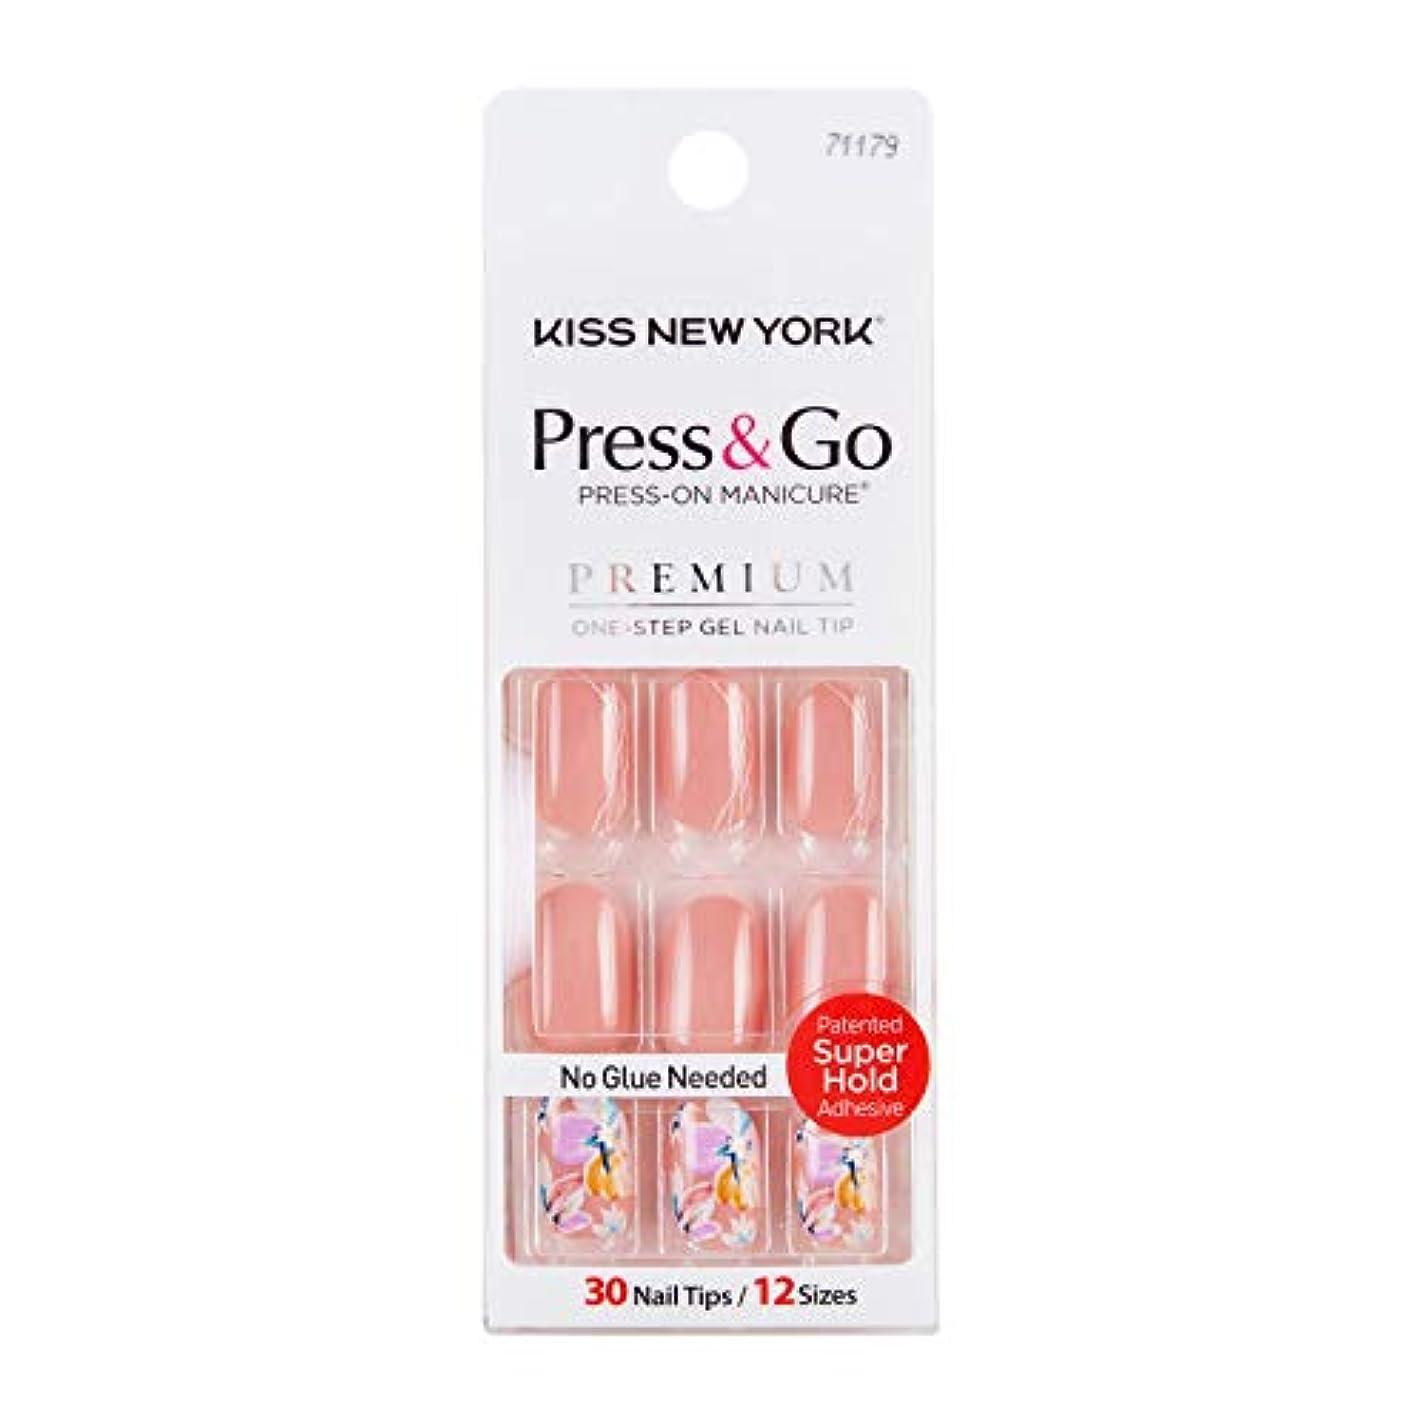 プラカードバングラデシュカッターキスニューヨーク (KISS NEW YORK) KISS NEWYORK ネイルチップPress&Go BHJ27J 19g